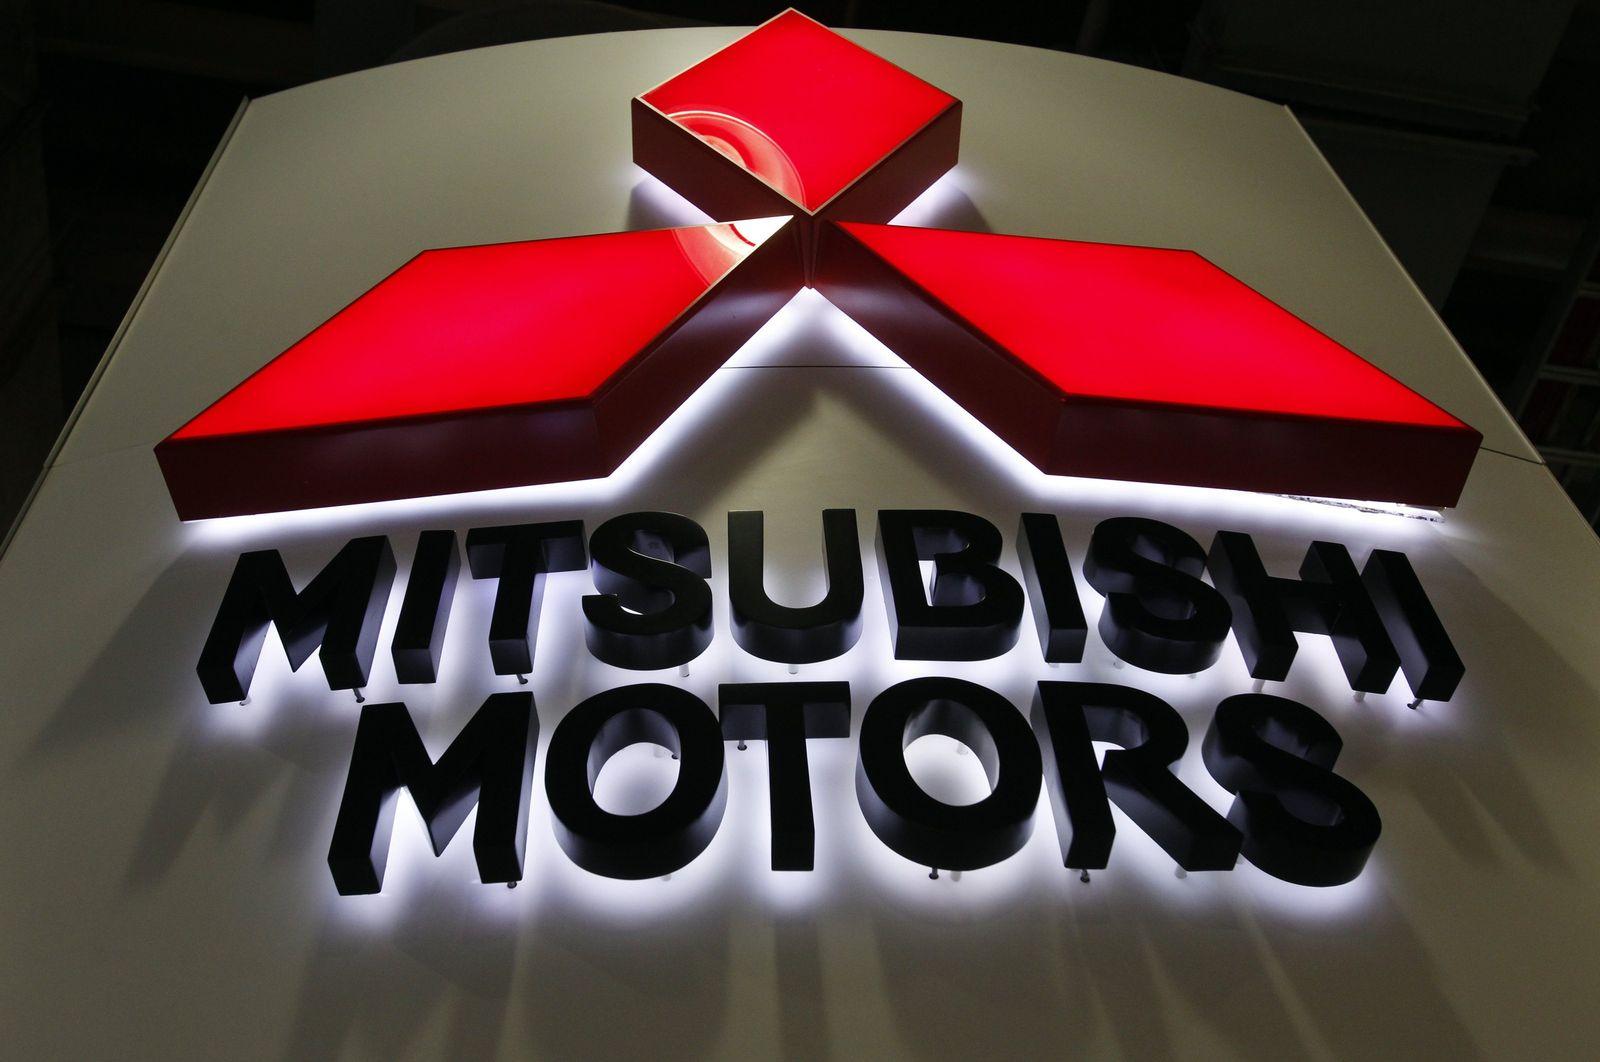 Mitsubishi Firmenlogo